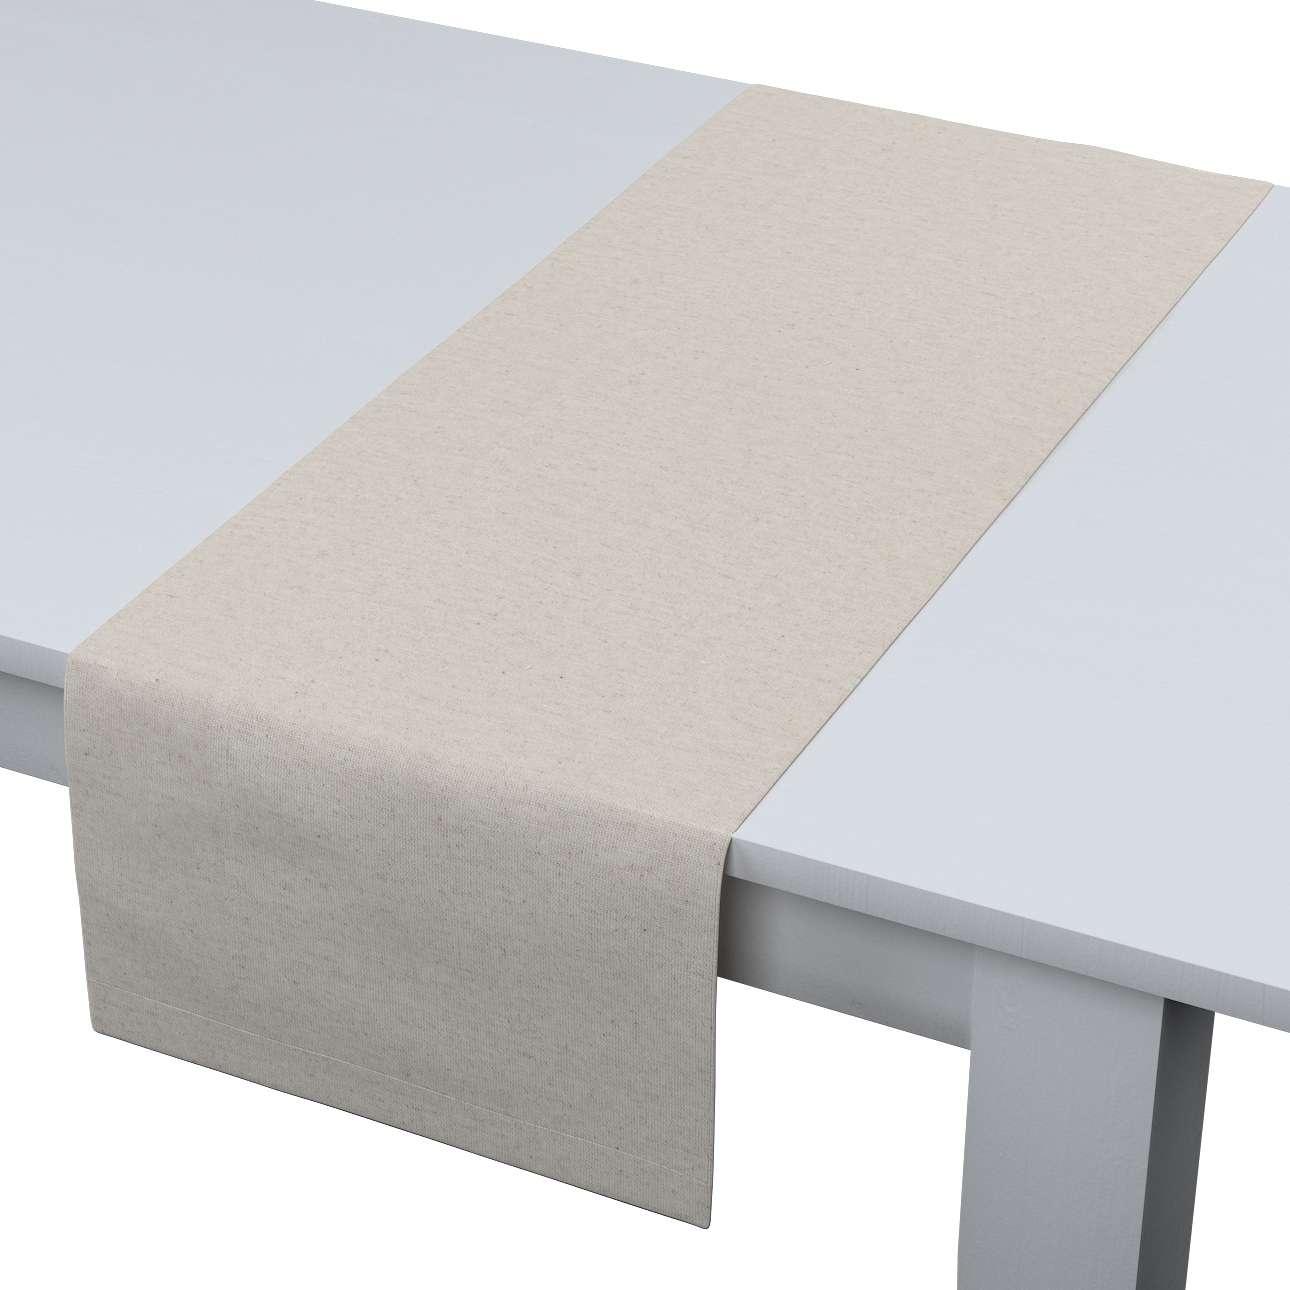 Rechteckiger Tischläufer 40 x 130 cm von der Kollektion Loneta, Stoff: 133-65